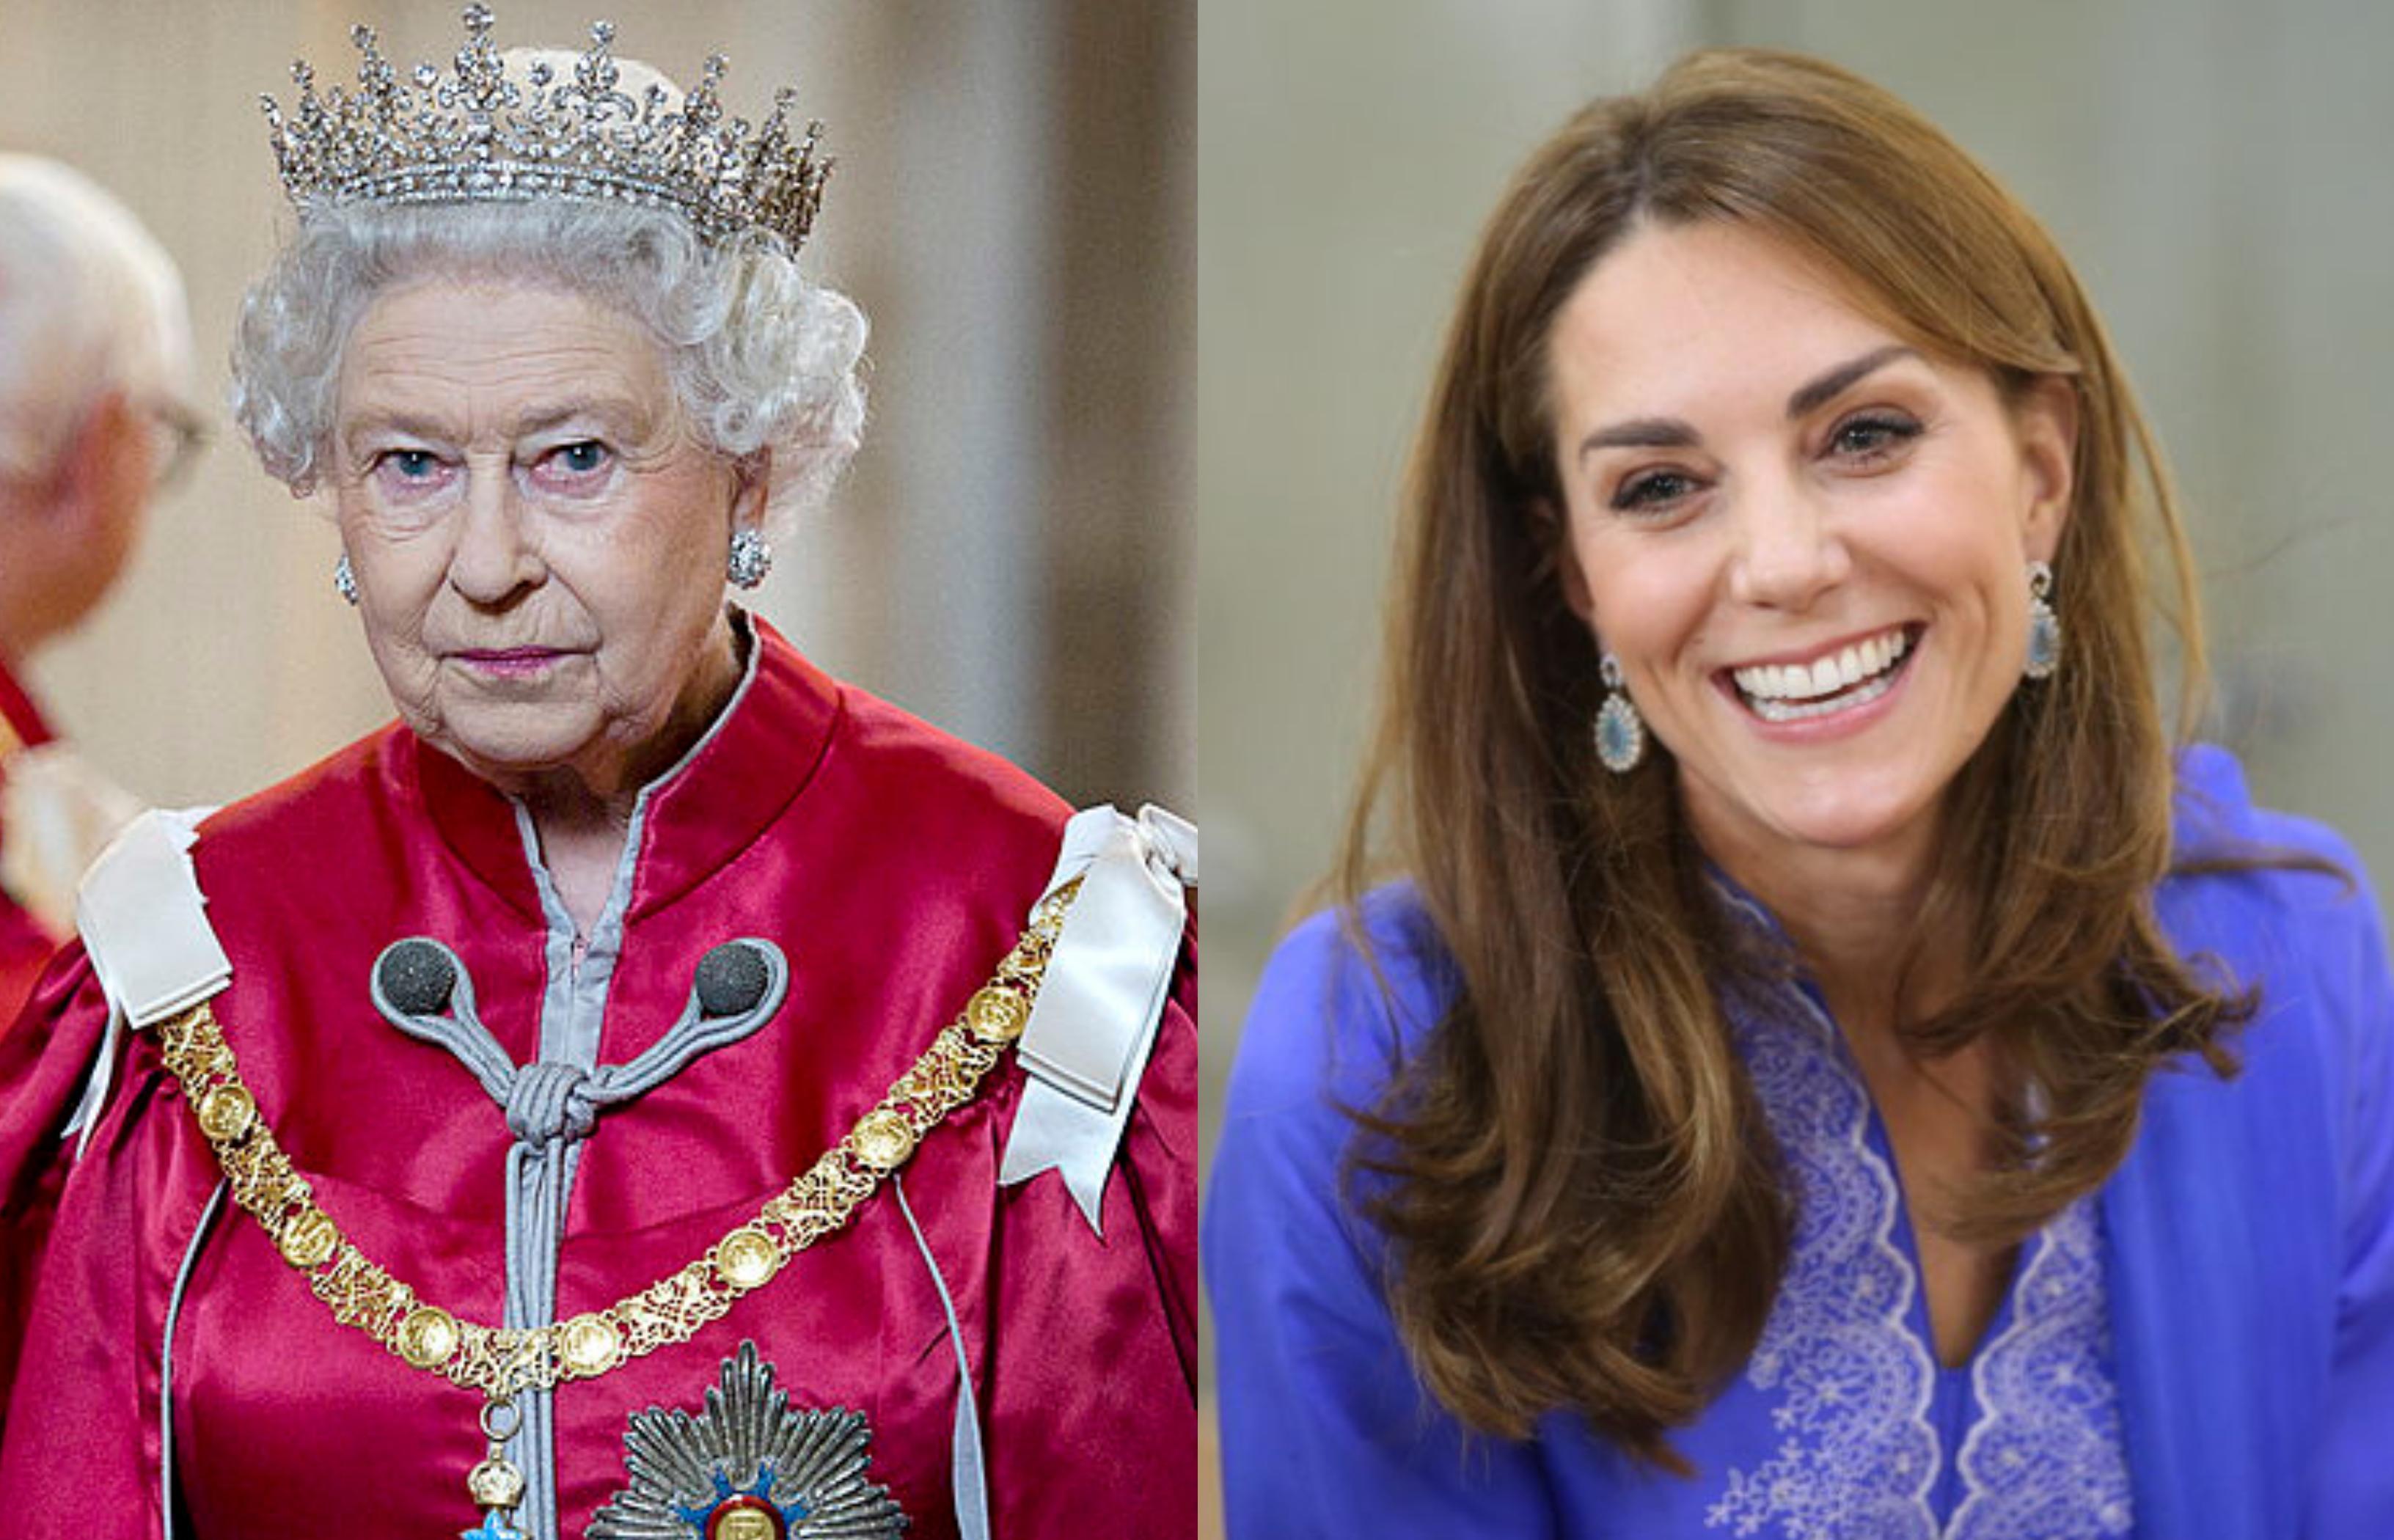 De ce folosește Familia Regală telefoane vechi, cu fir. Un expert regal a explicat care este motivul